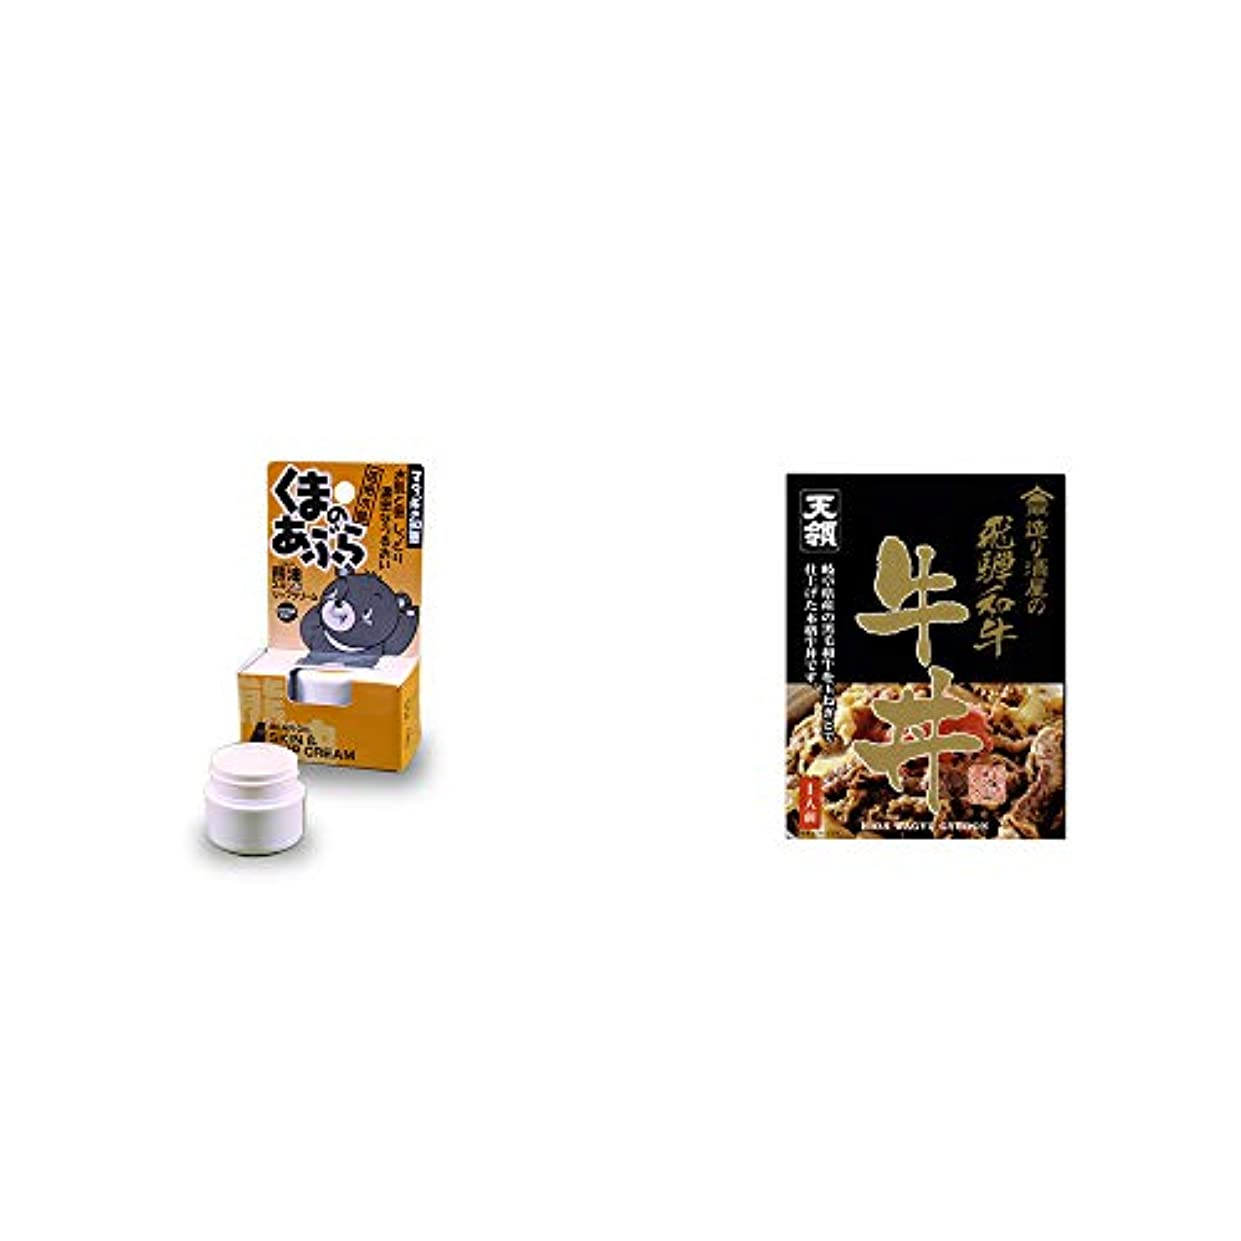 [2点セット] 信州木曽 くまのあぶら 熊油スキン&リップクリーム(9g)?天領酒造 造り酒屋の飛騨和牛 牛丼(1人前)